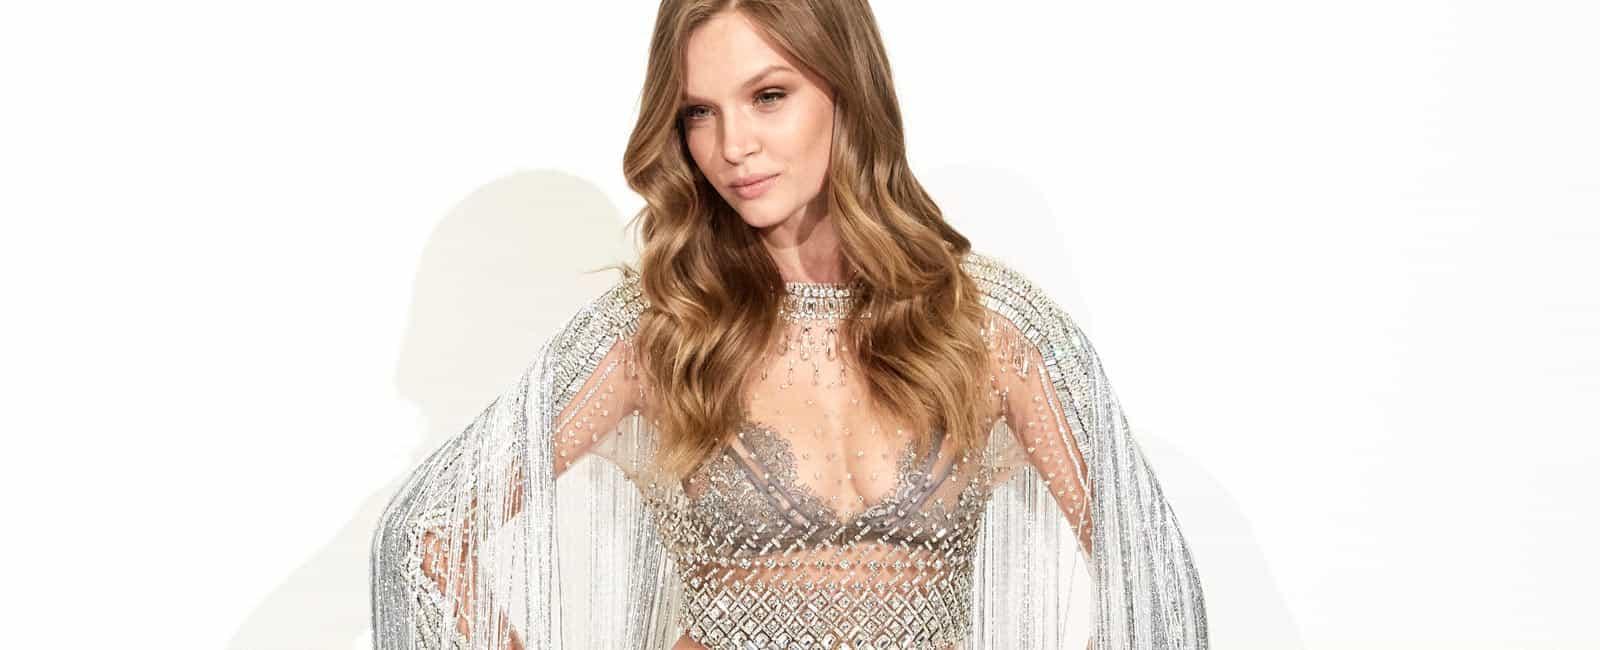 El modelo joya de Swarovski para Victoria's Secret Fashion Show